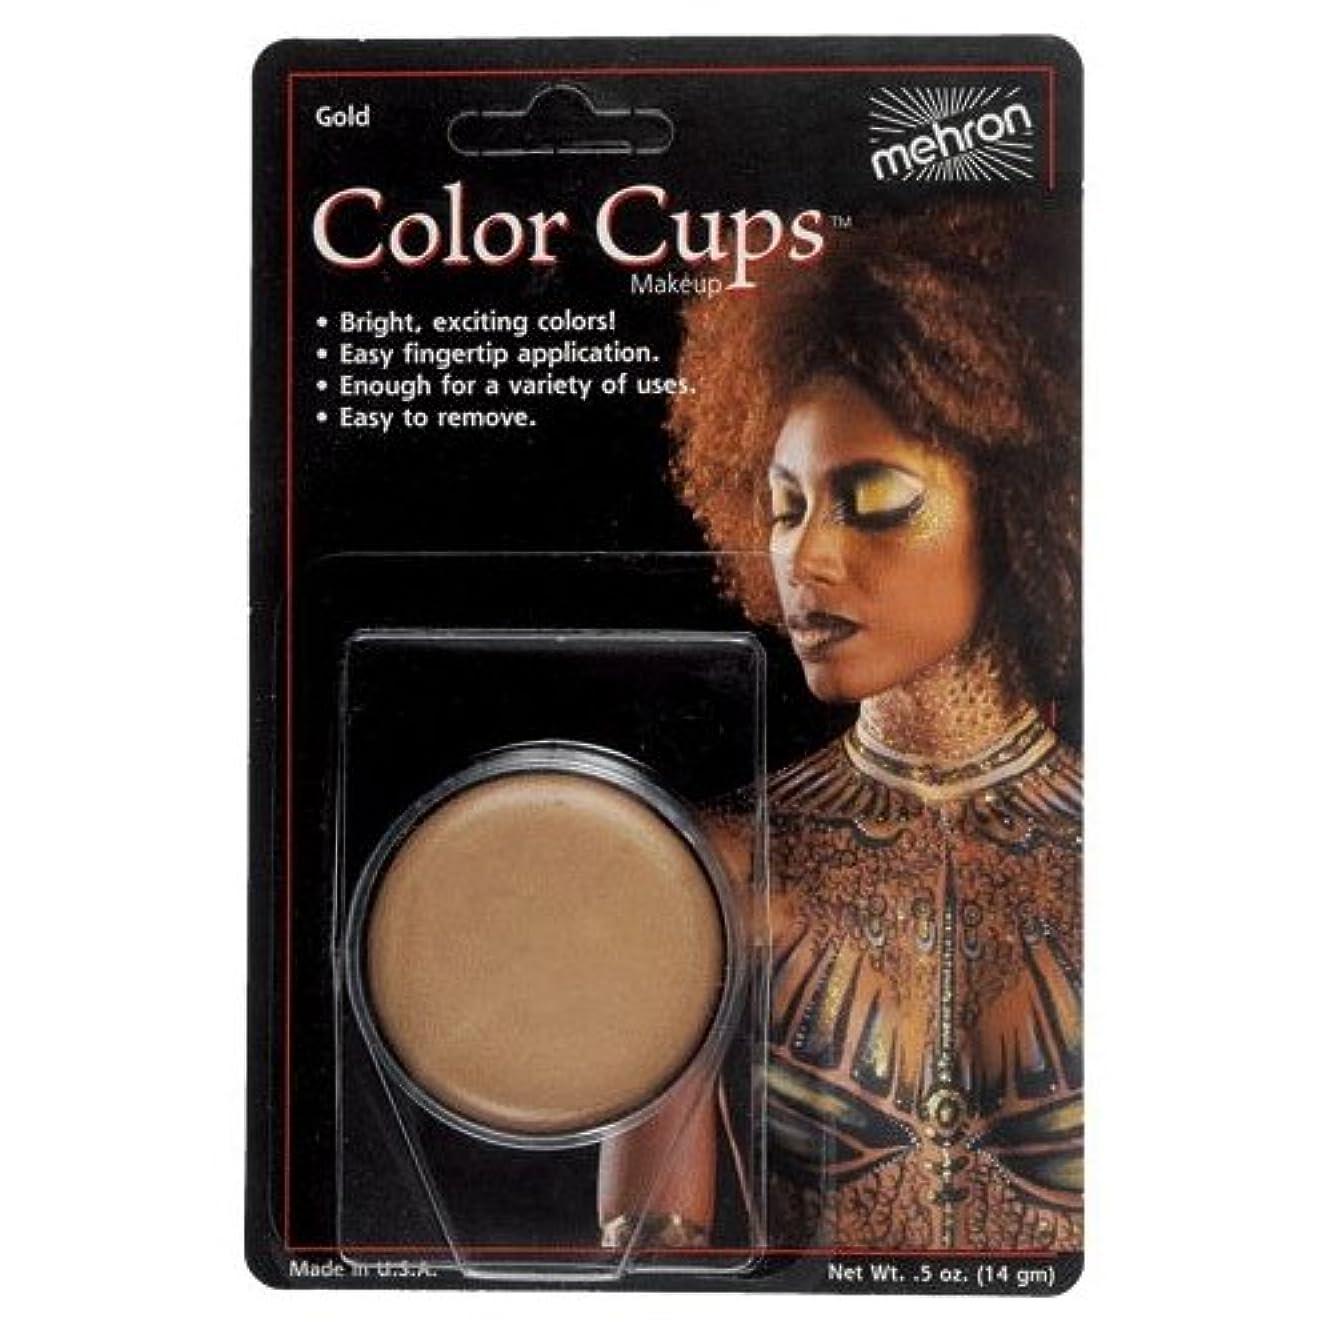 アナウンサーつかの間メイドmehron Color Cups Face and Body Paint - Gold (並行輸入品)